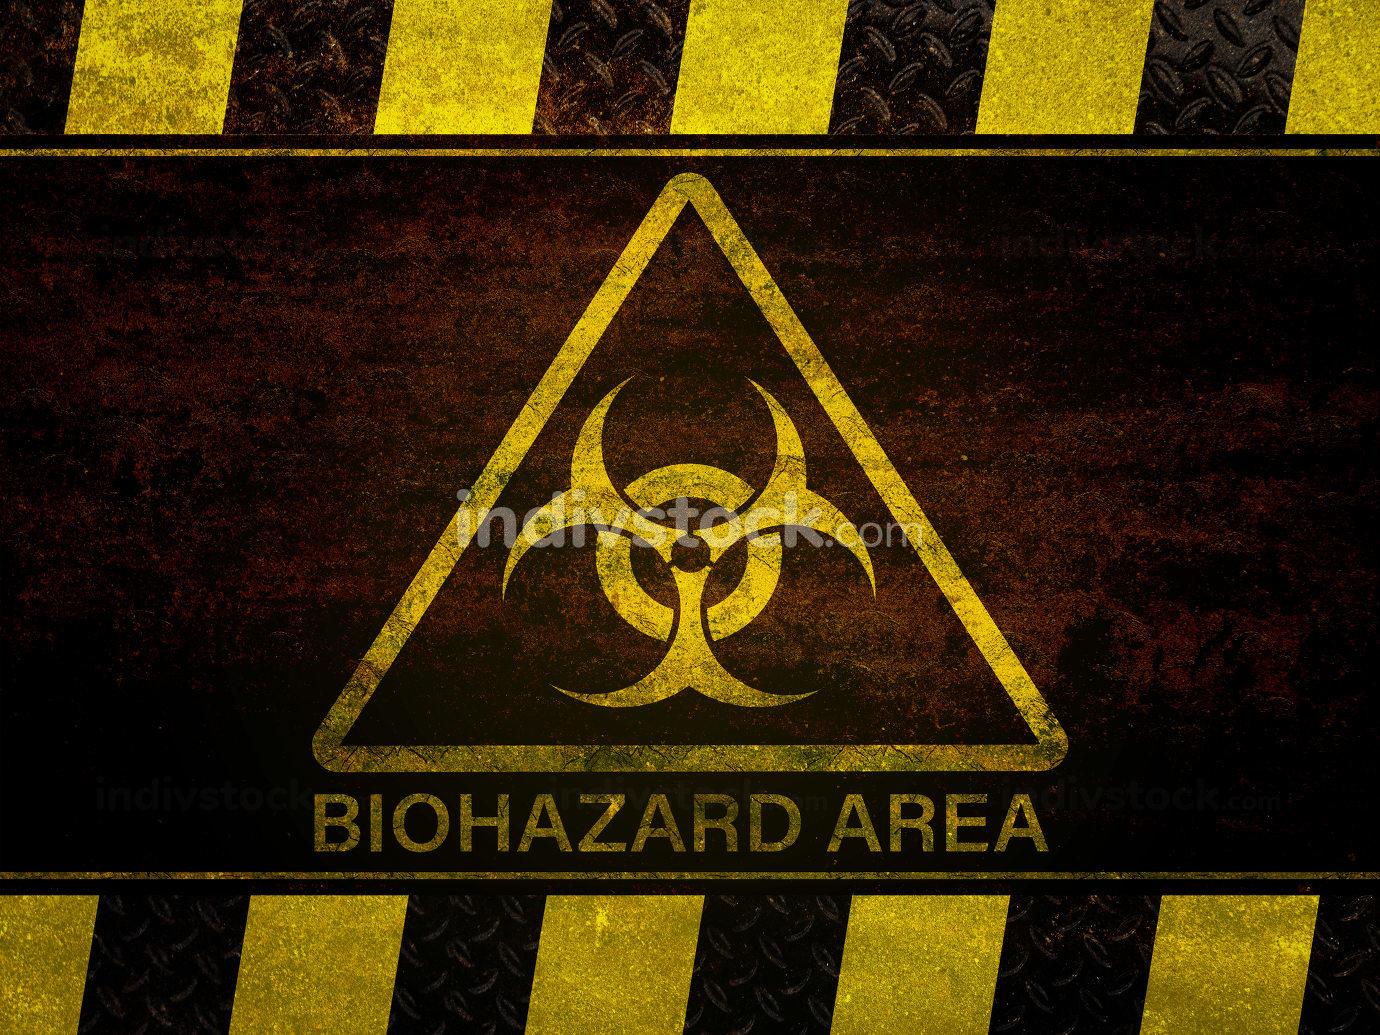 Biohazard dangerous sign